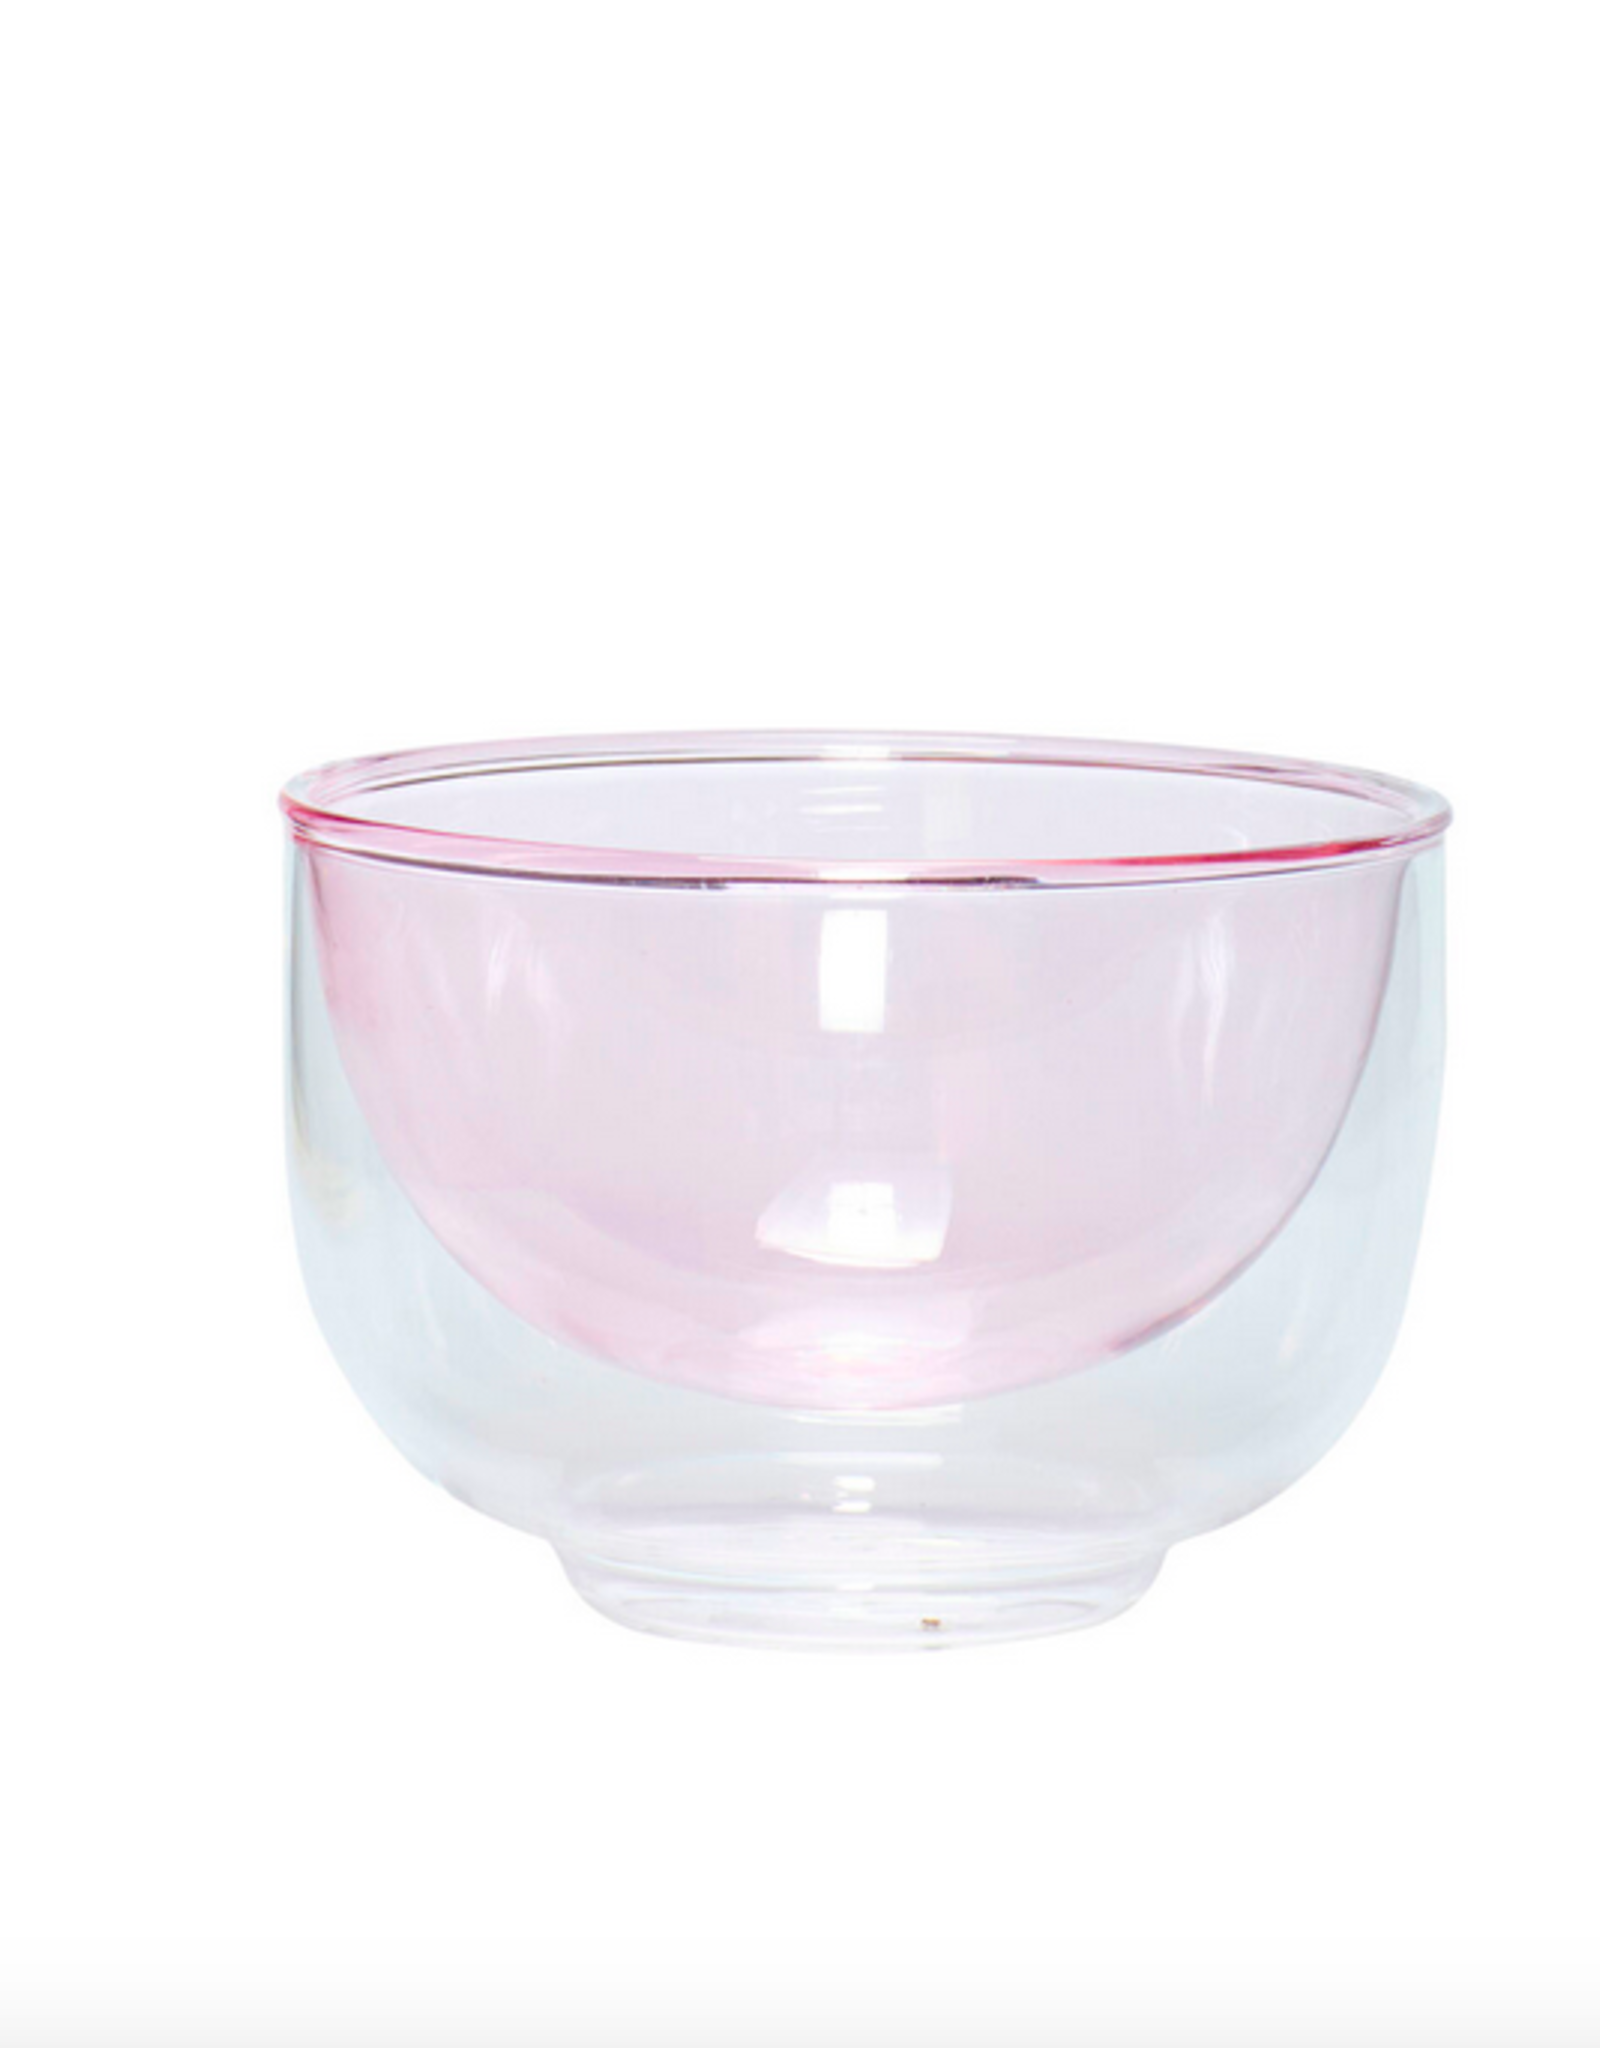 Hübsch Bowl glass pink